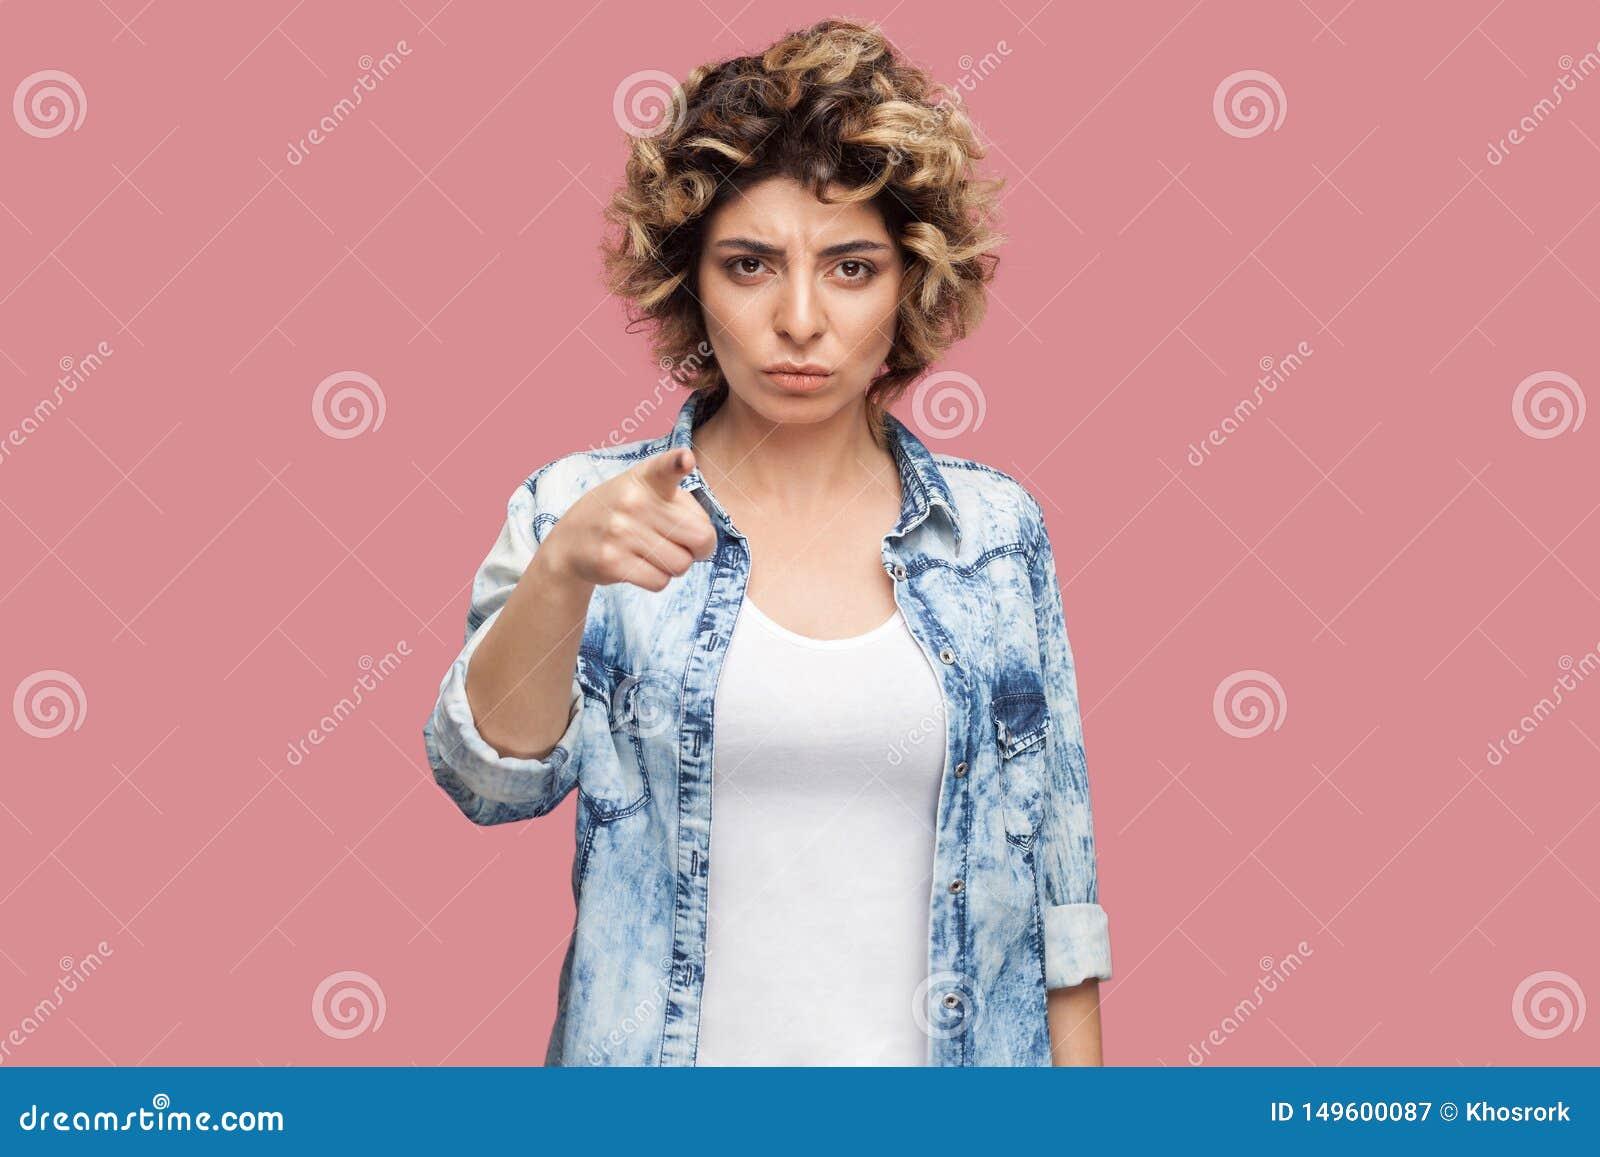 Hey voc? Retrato da jovem mulher s?ria com penteado encaracolado na camisa azul ocasional que est?, olhando e apontando na c?mera